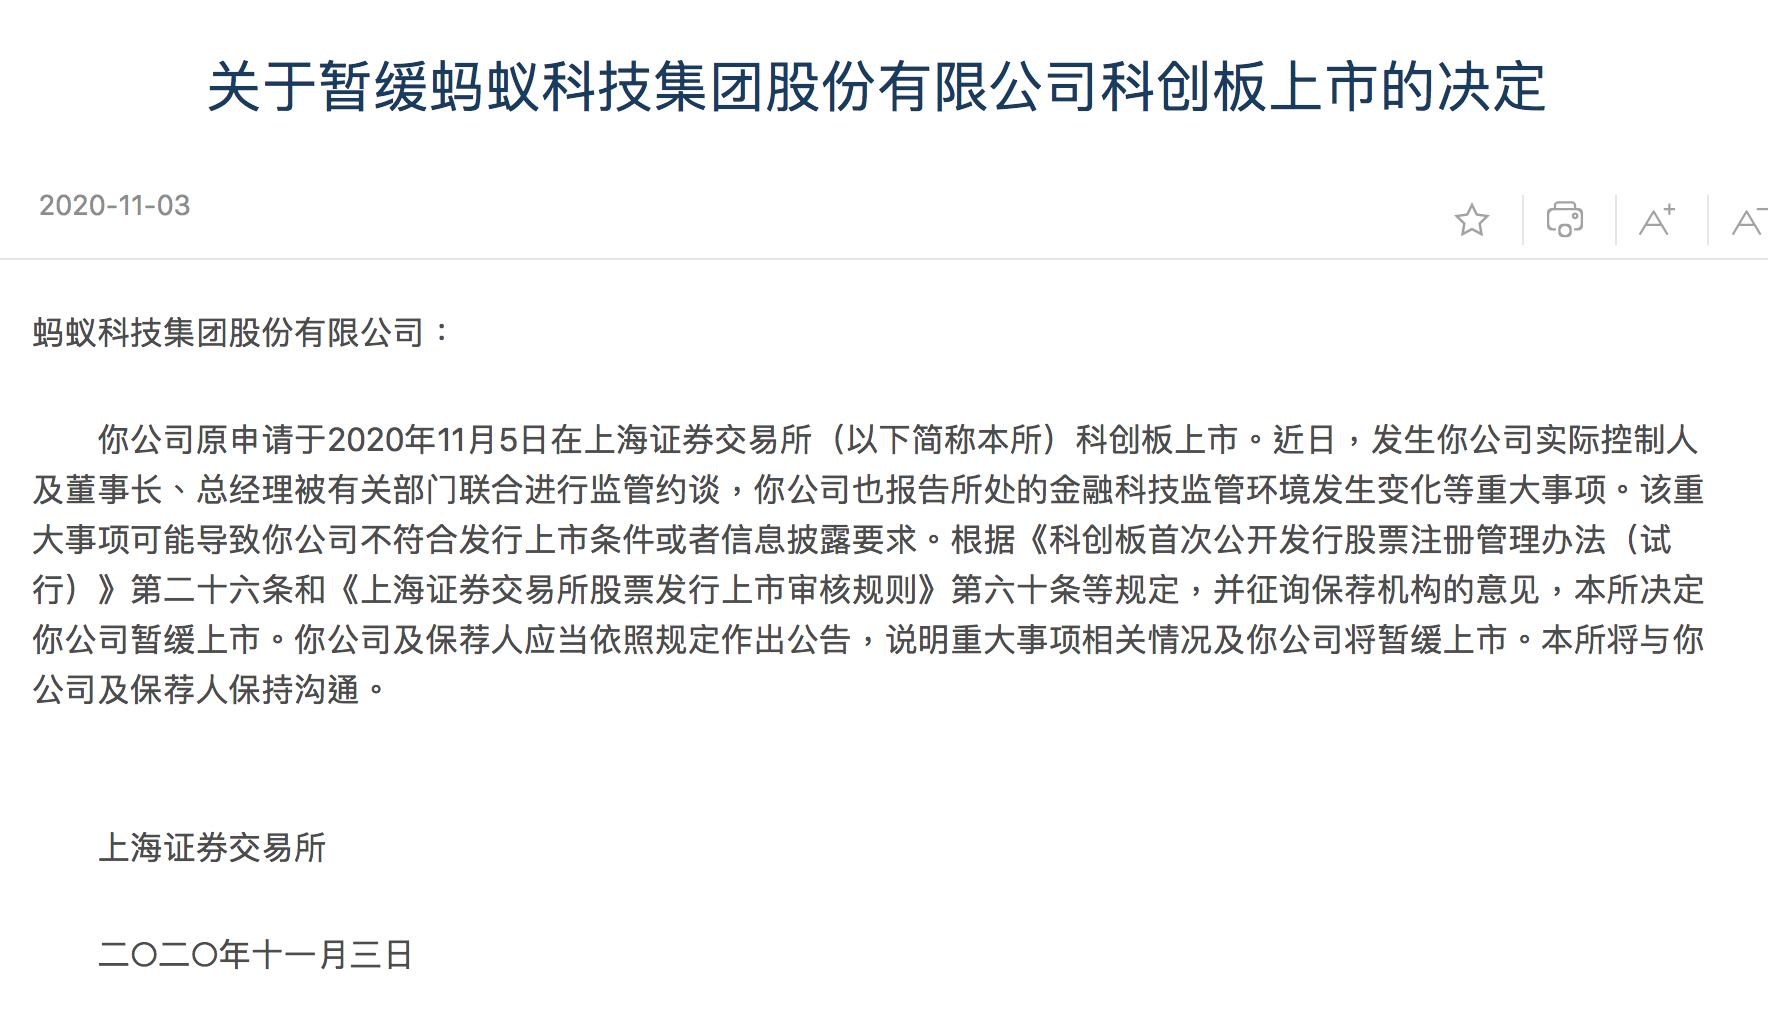 上交所公告稱暫緩螞蟻集團創科板上市(上交所網站截圖)